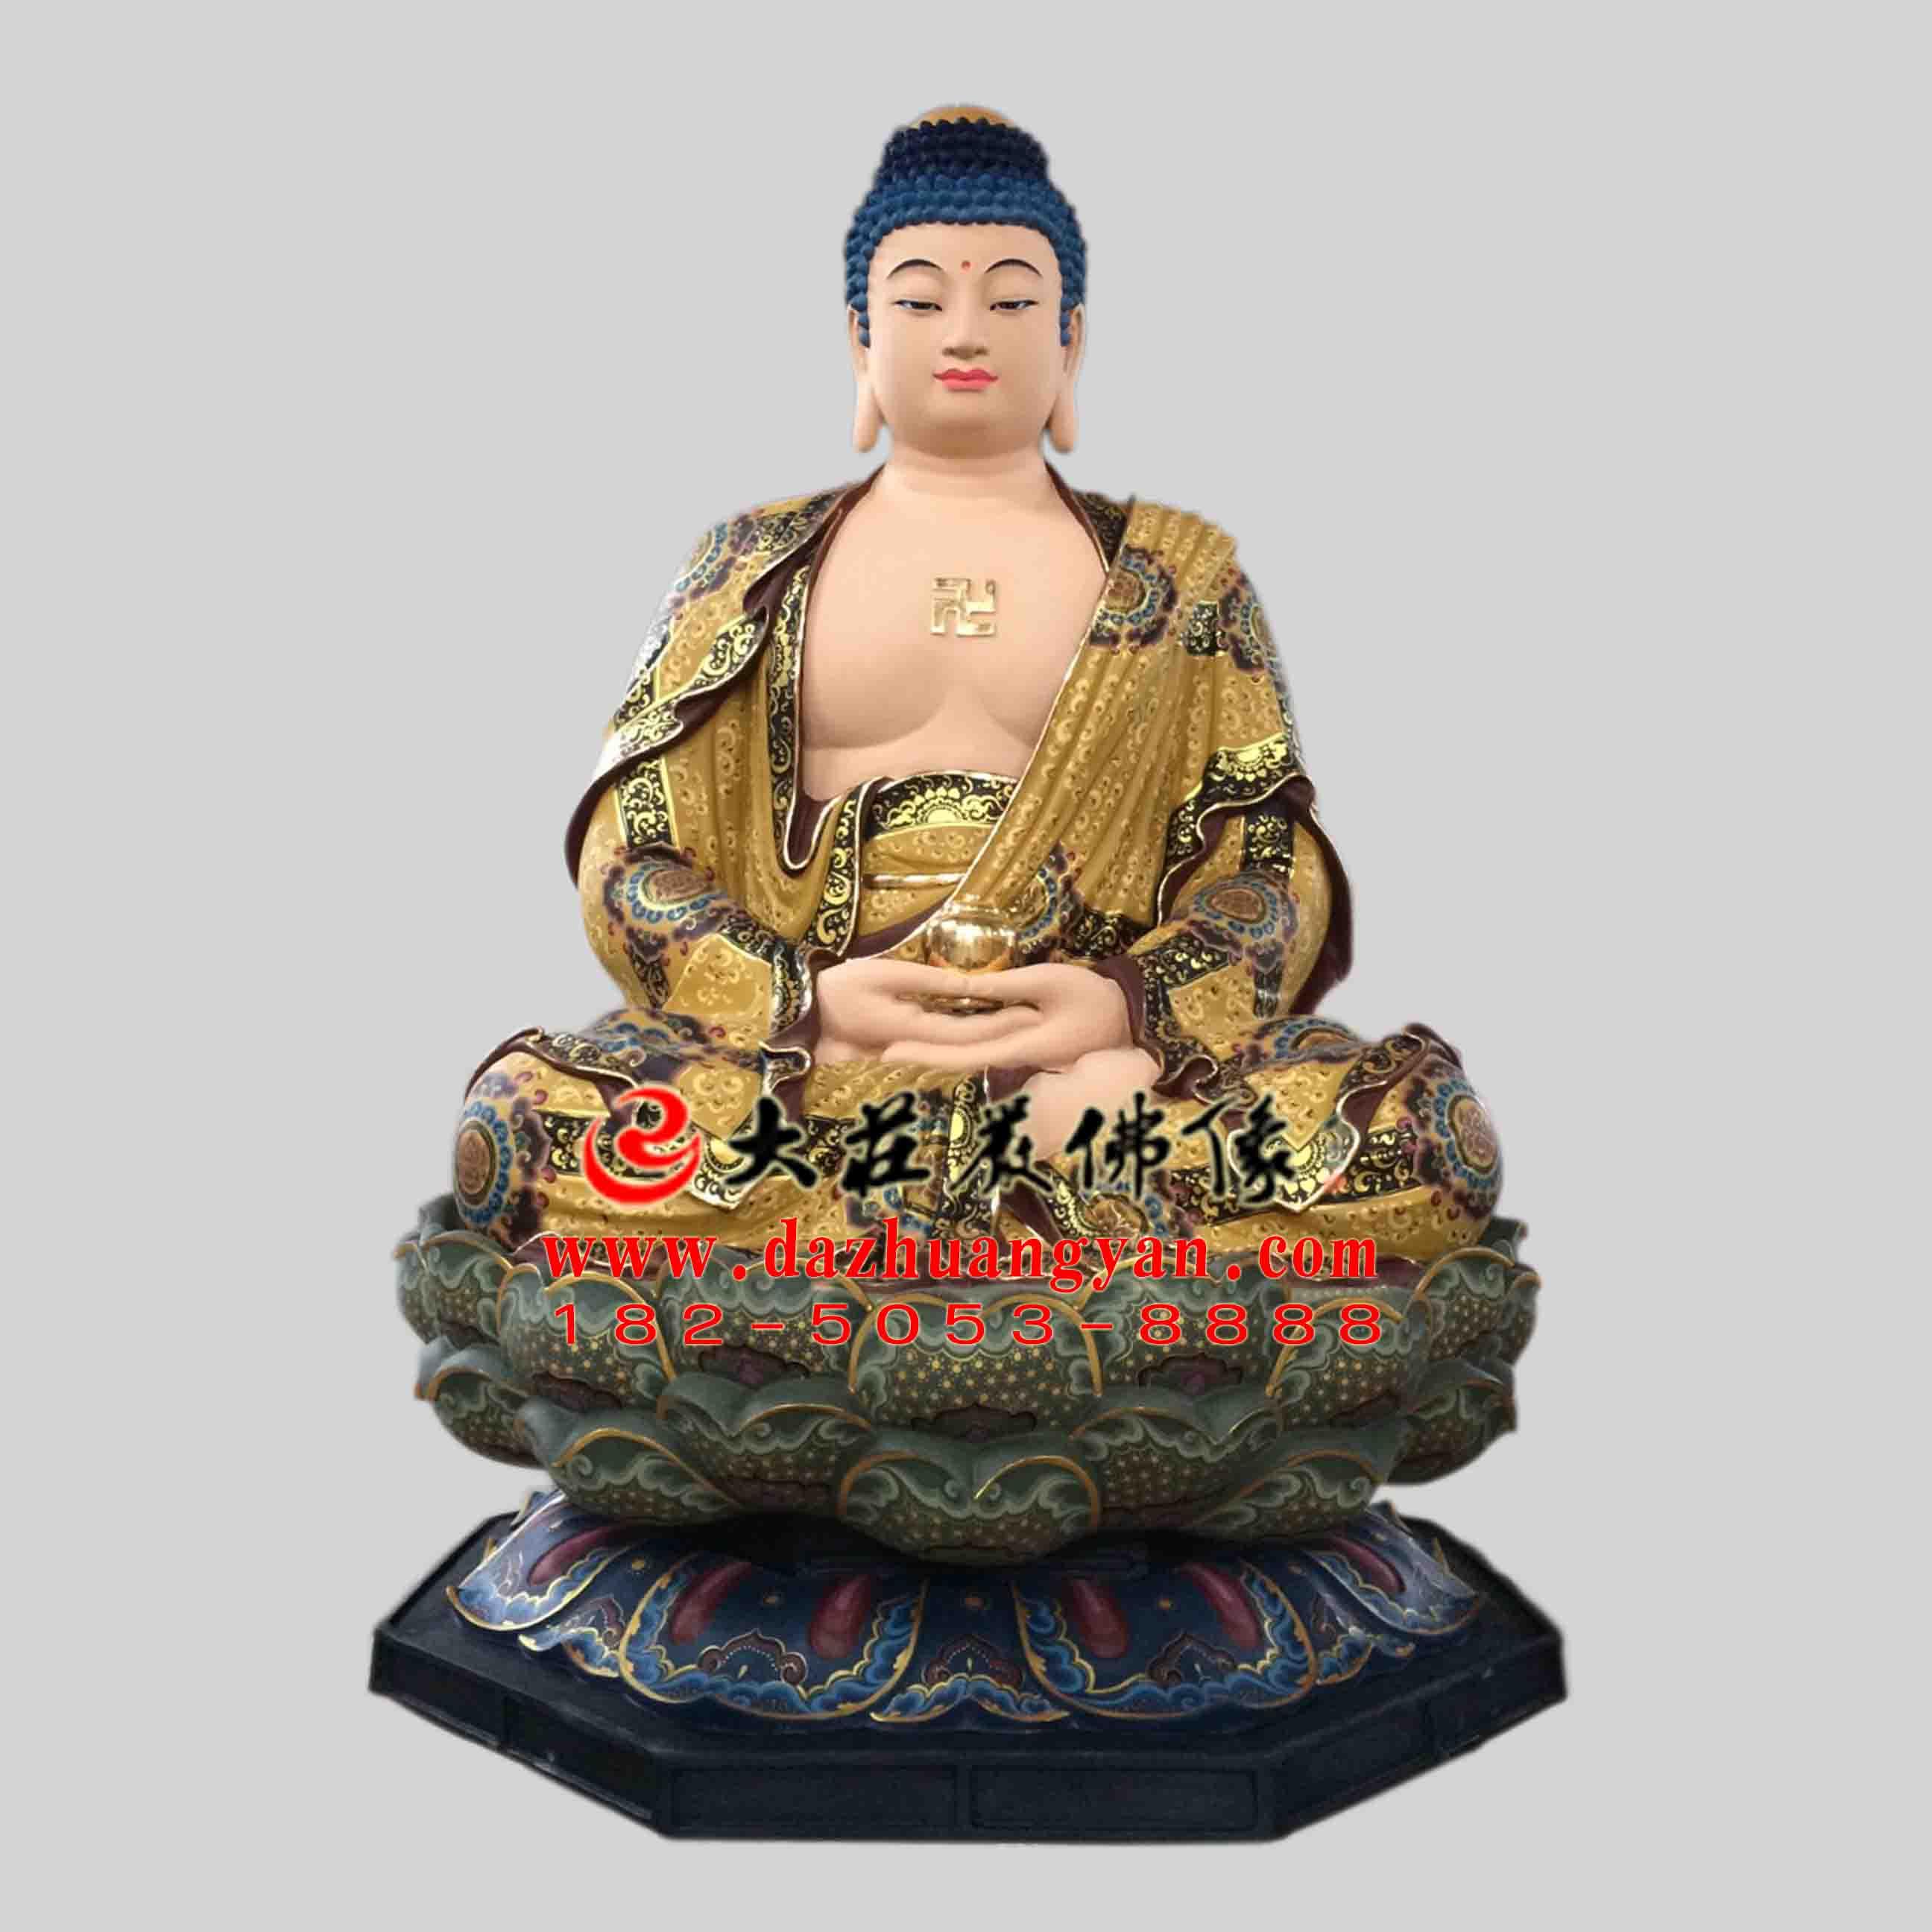 彩绘描金生漆脱胎娑婆三圣之释迦牟尼佛塑像【